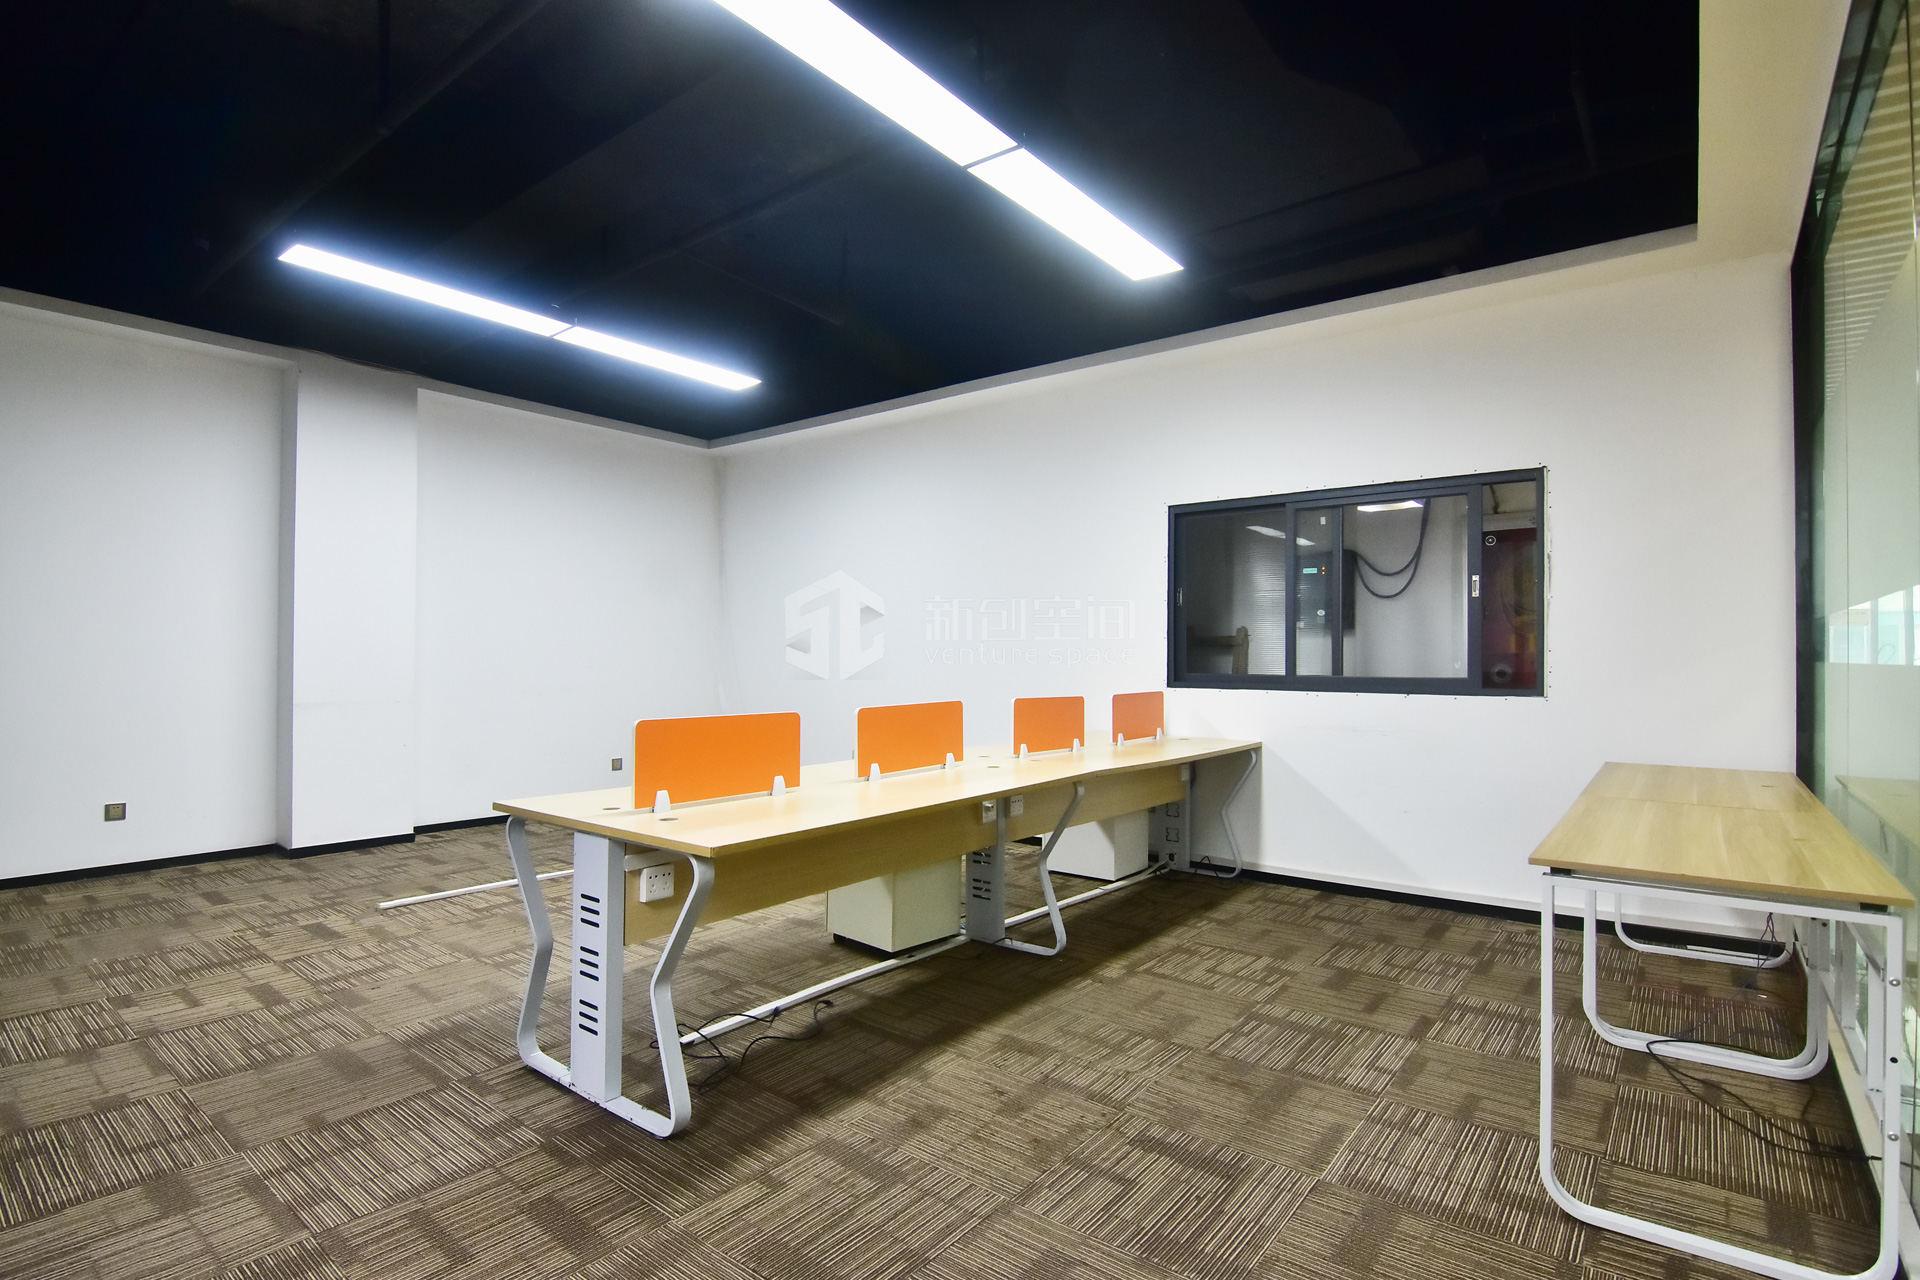 149m²·深圳虚拟大学园